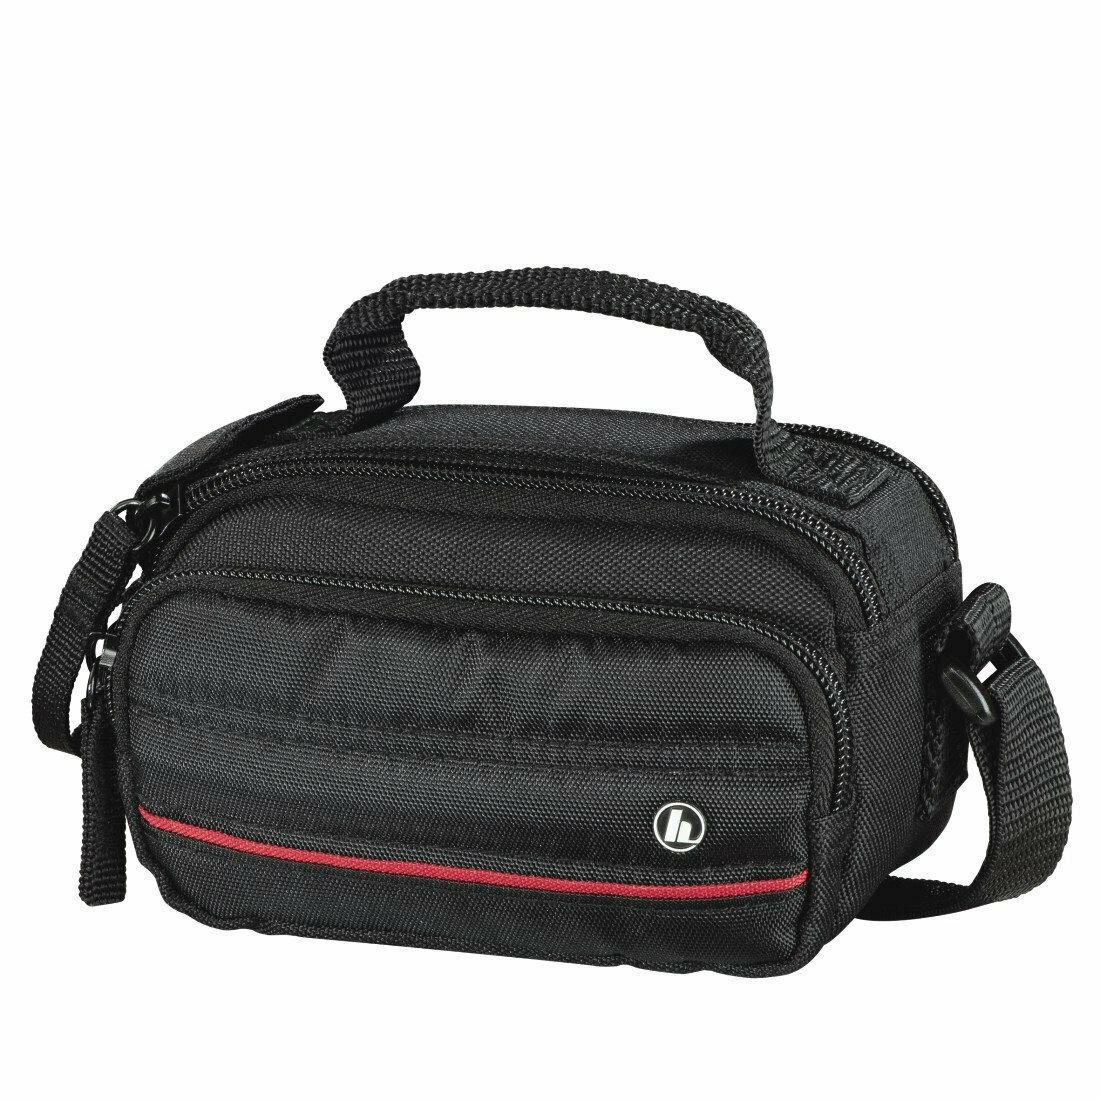 Kameratasche passend für Leica D-Lux 7 Fototasche